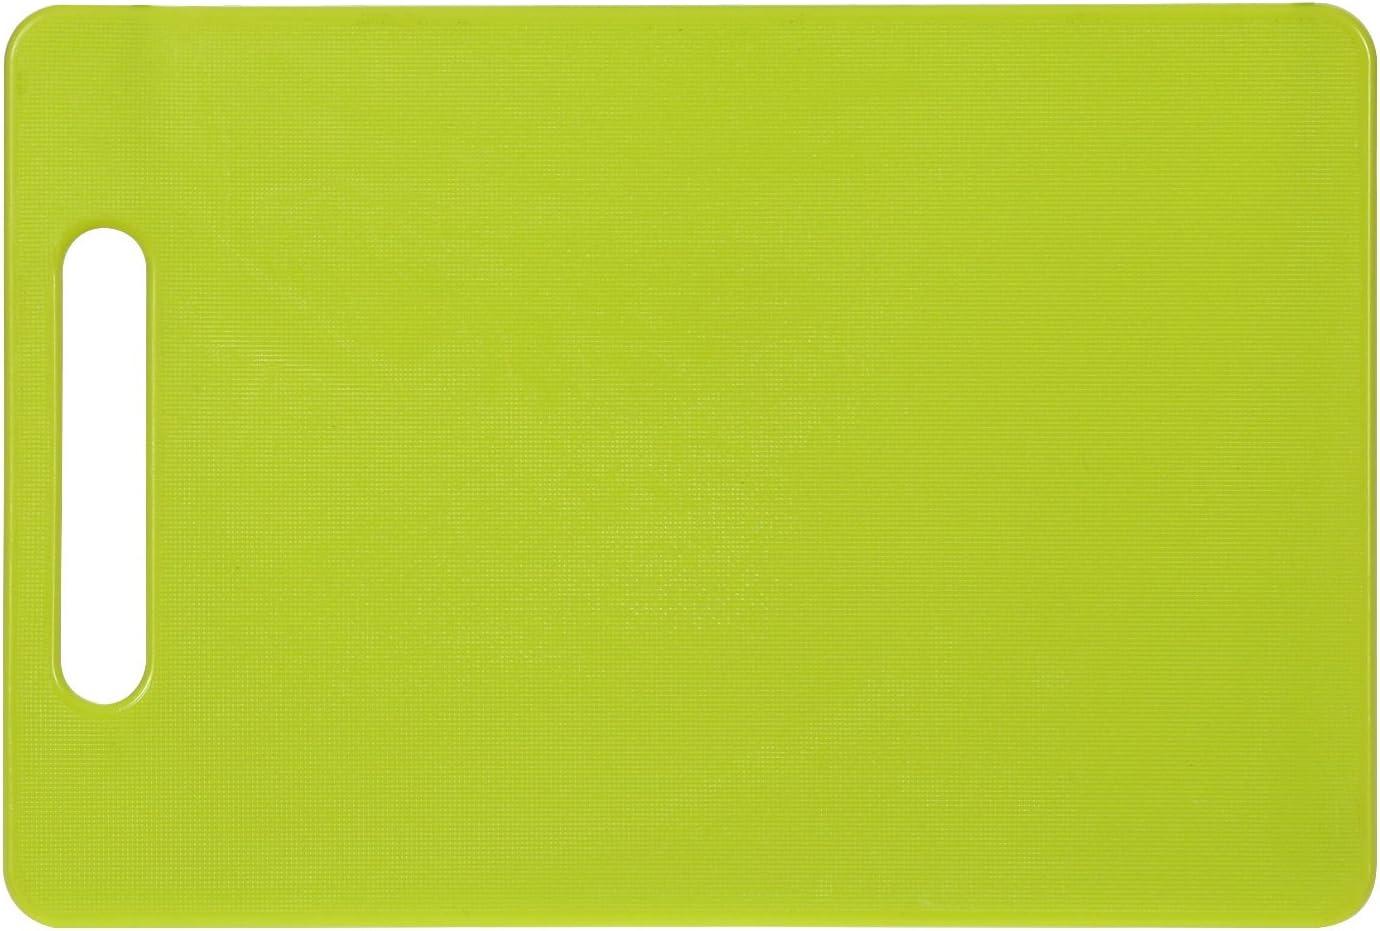 farbige Brettchen B/ütic GmbH Kunststoff Schneidebrett eckig Farbe:Gelb Artikelgr/ö/ße:Schneidebrett 29 x 19.5 x 0.5cm